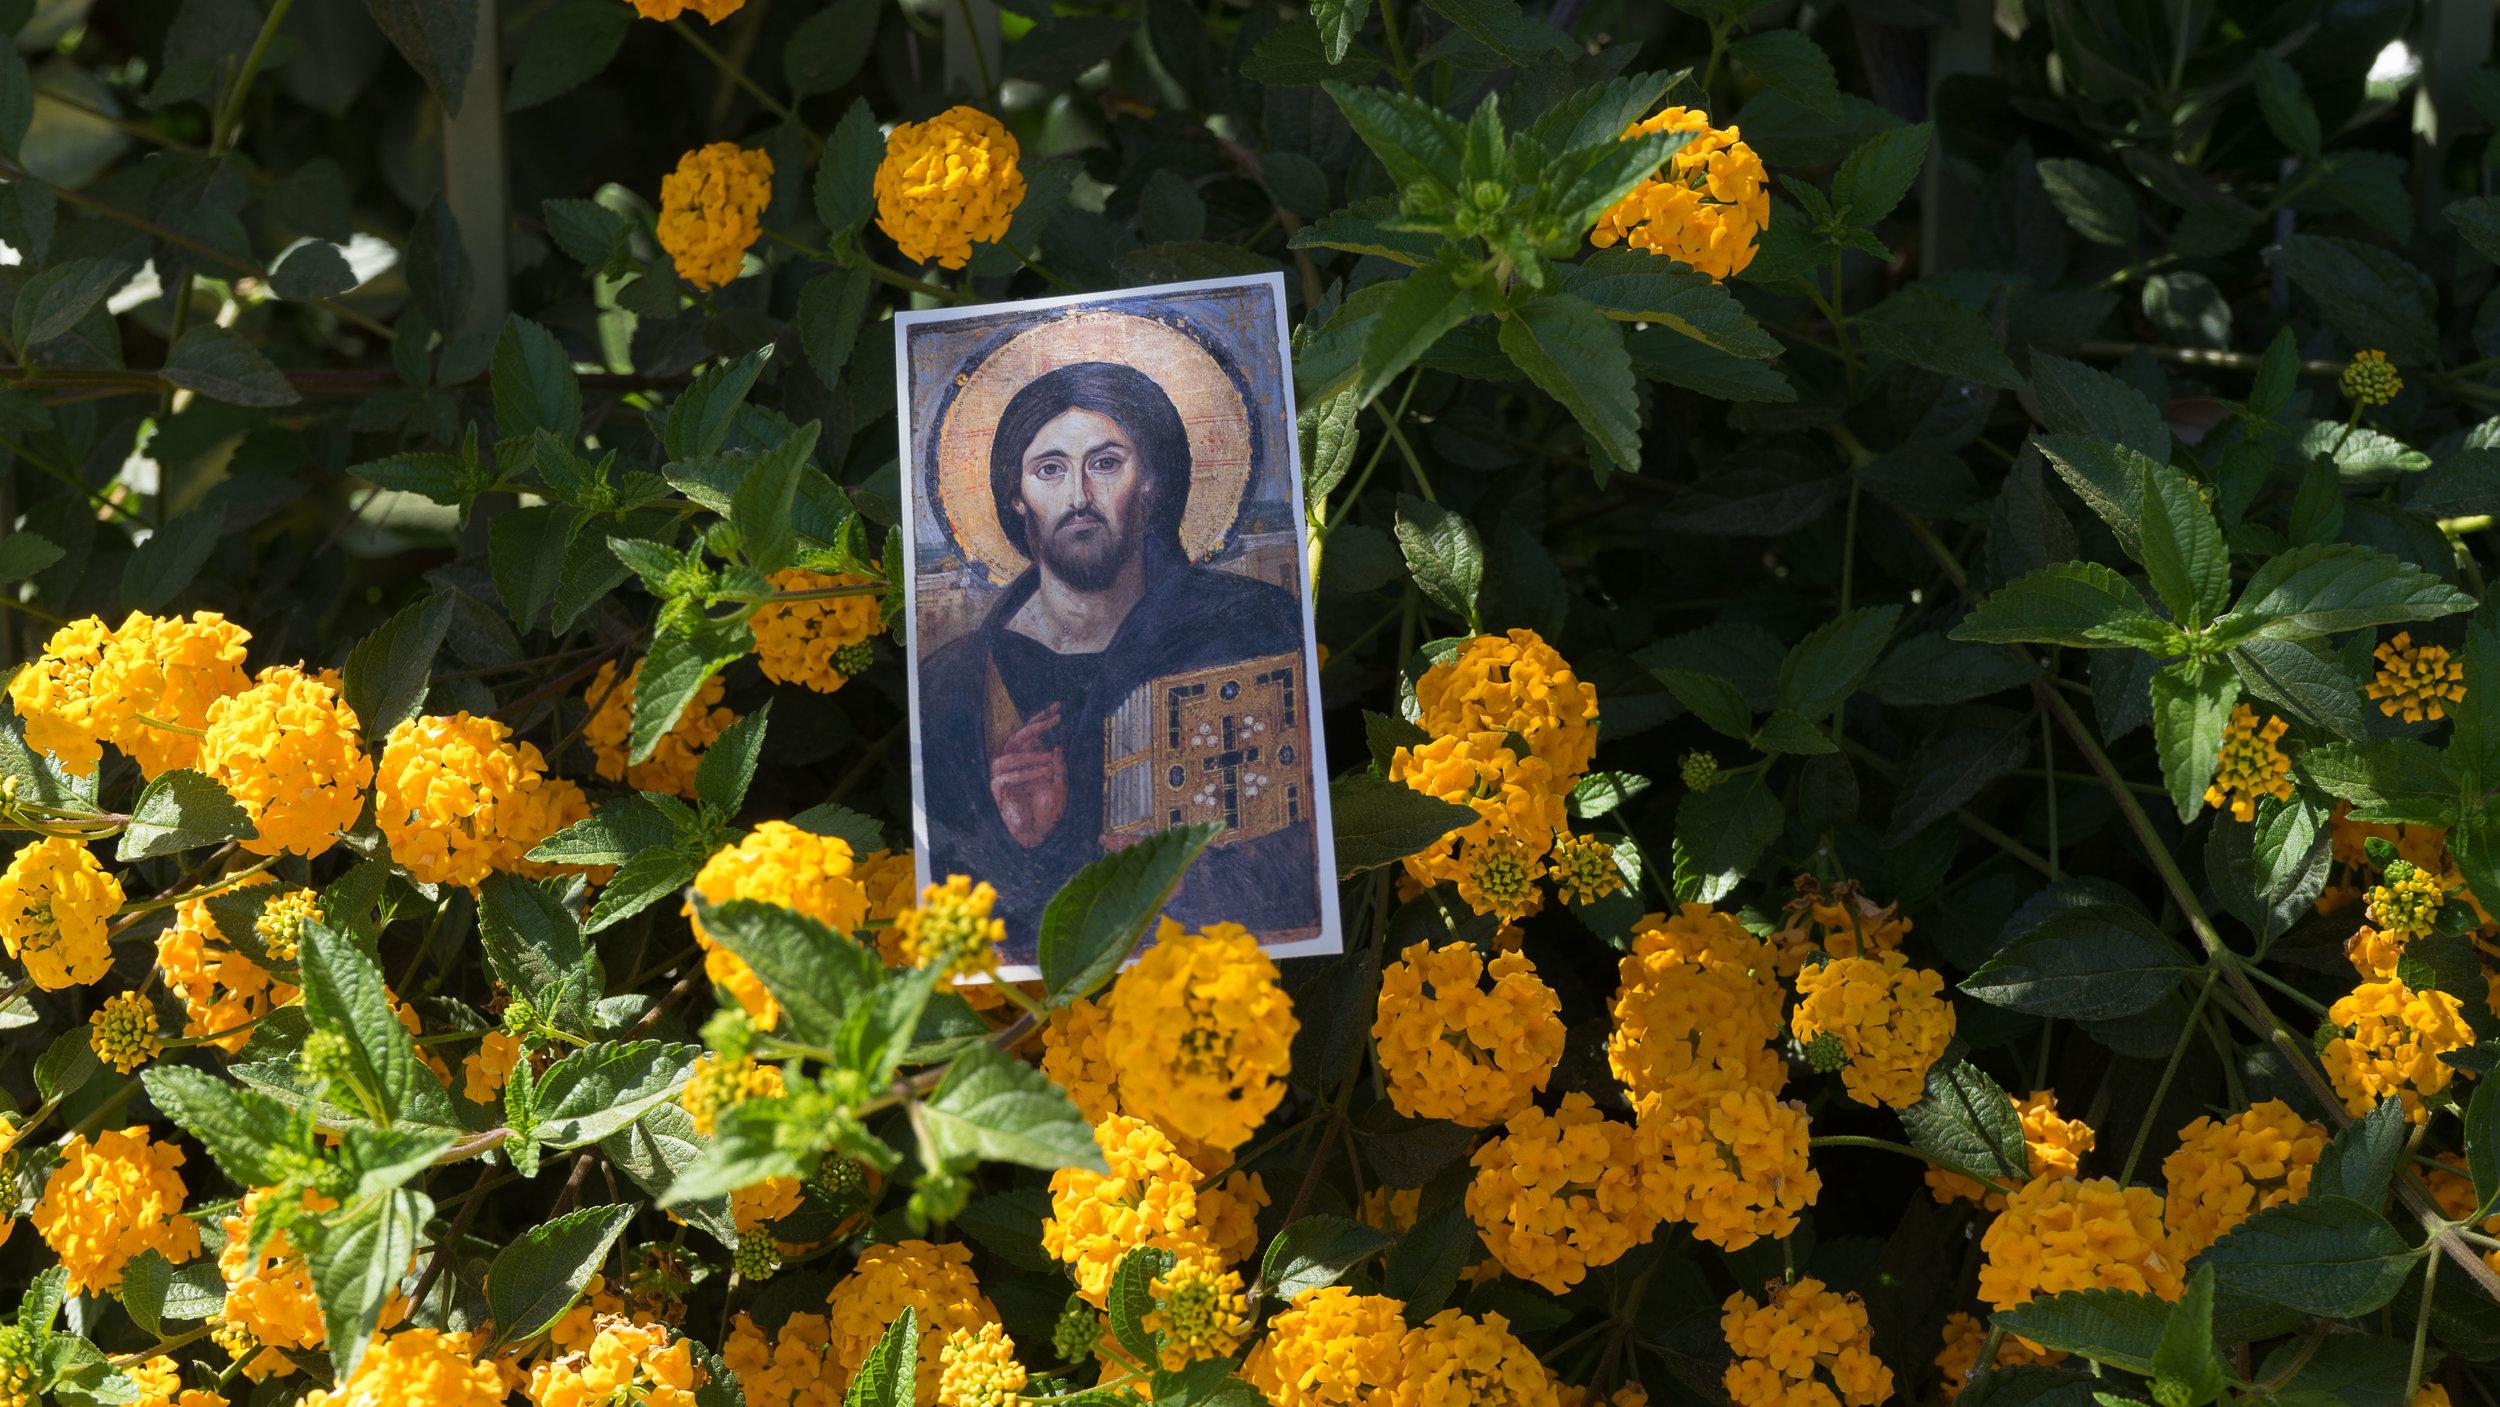 jesusflowers.jpg